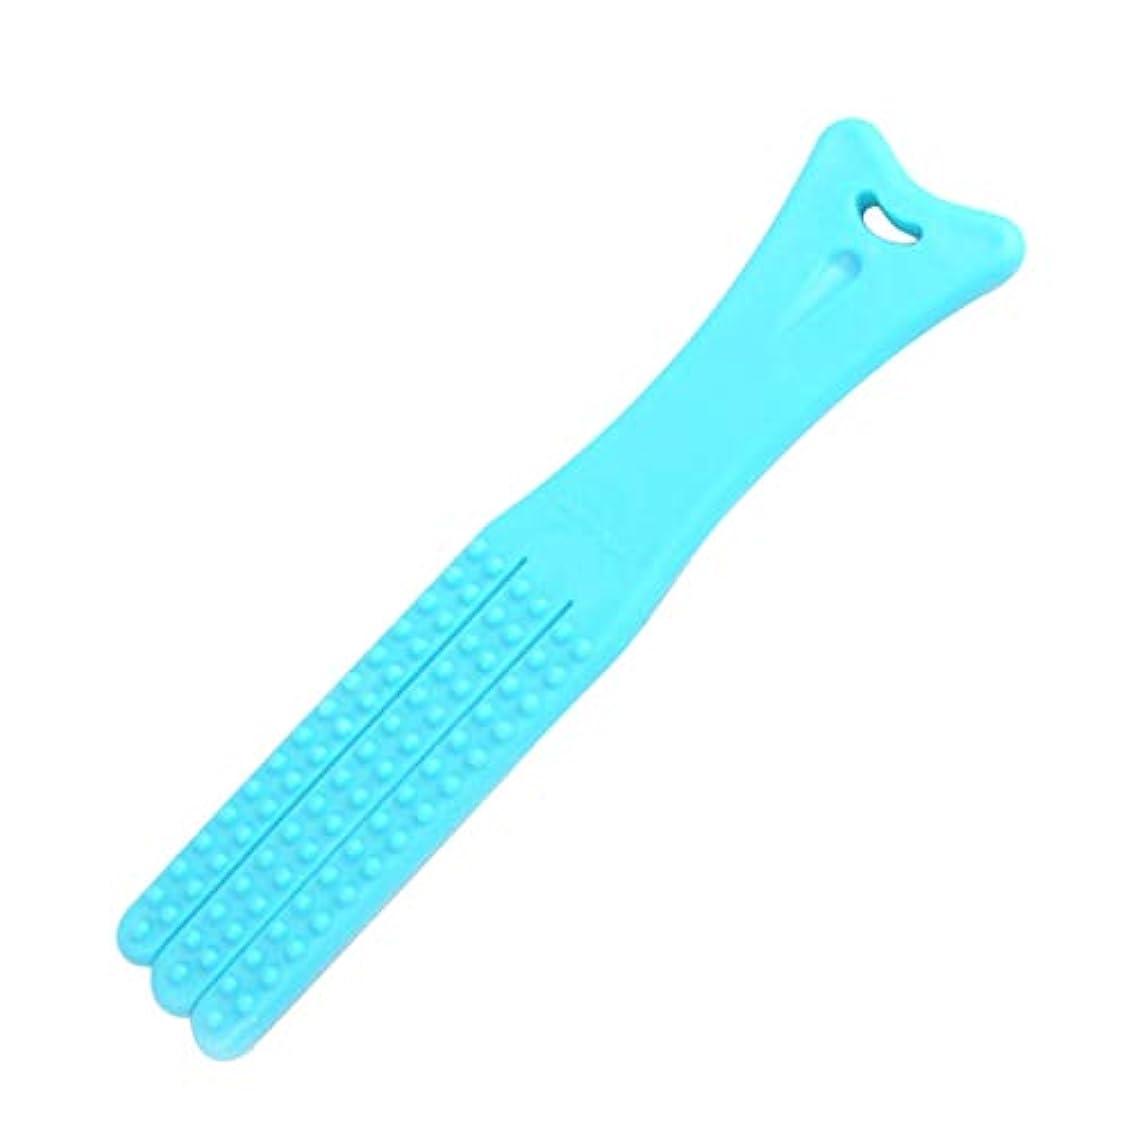 Perfeclan ボディマッサージ ハンマーノック ツボ押しハンマー 健康マッサージ 筋肉 ストレス解消 全2色 - 青